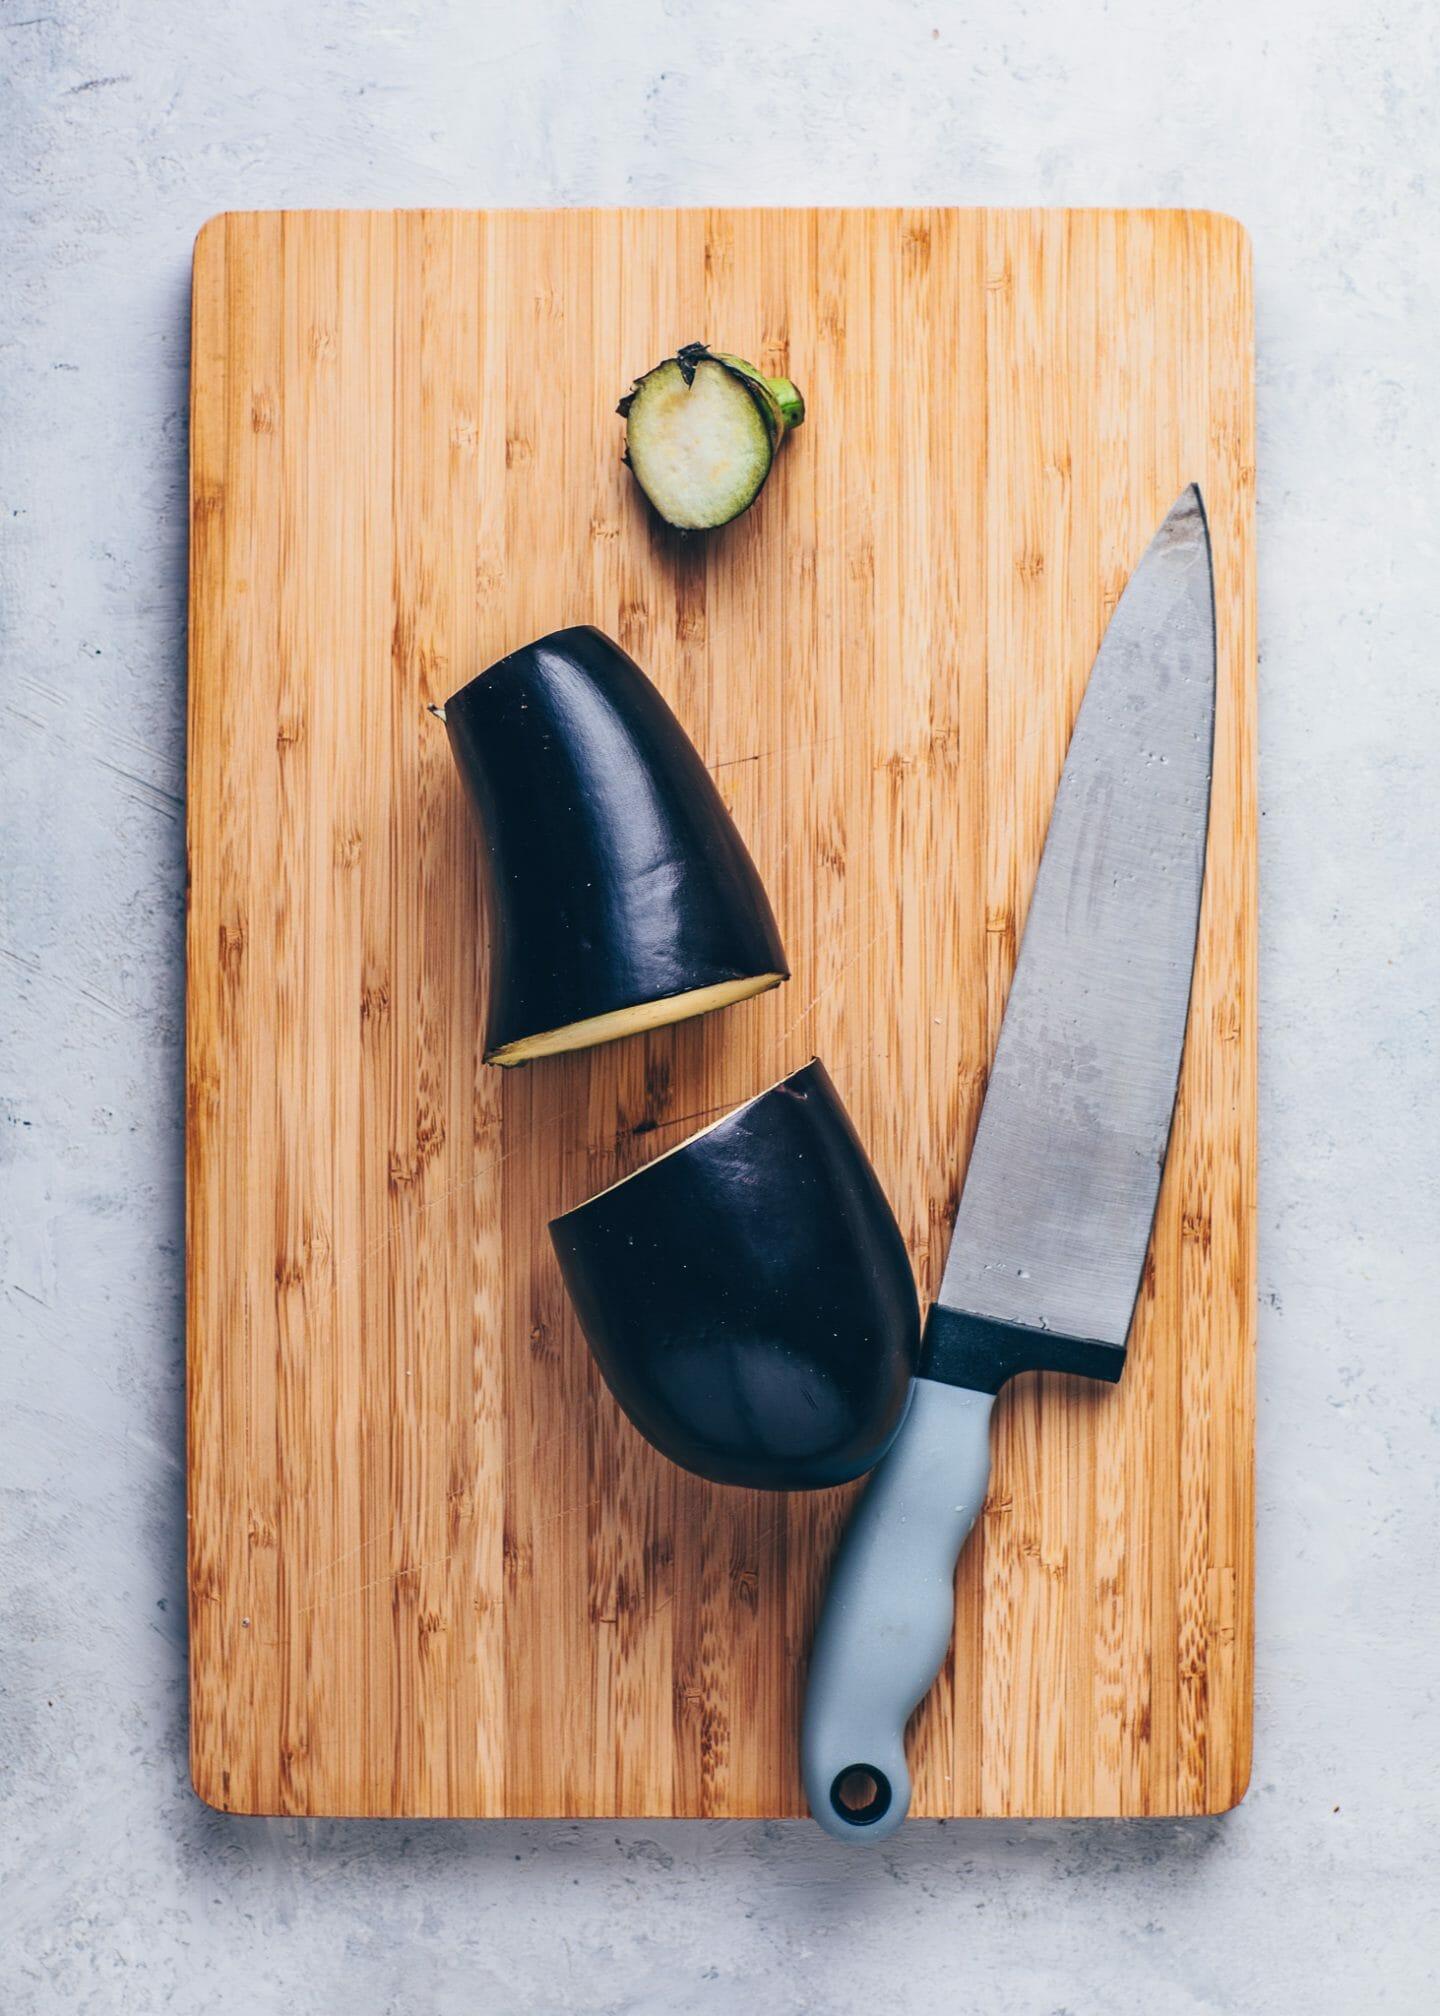 How to cut eggplants